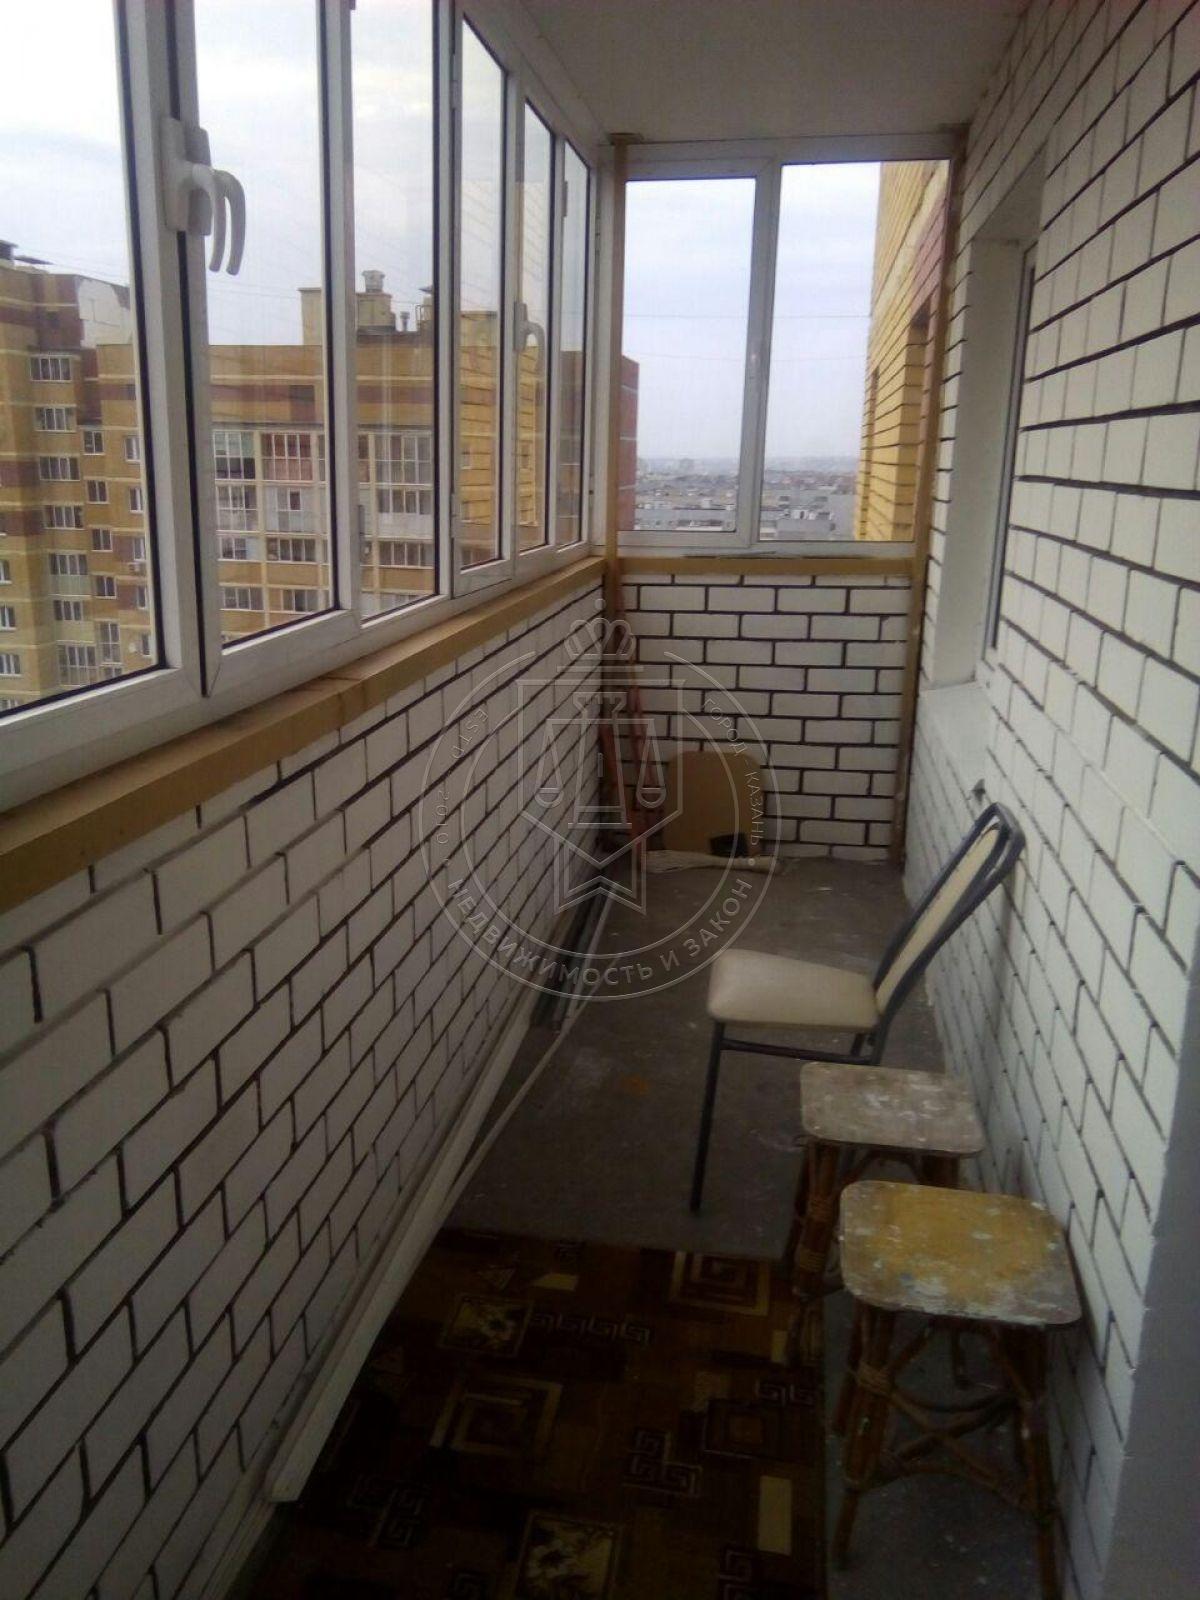 Продажа 1-к квартиры Чингиза Айтматова ул, 10, 46 м2  (миниатюра №4)